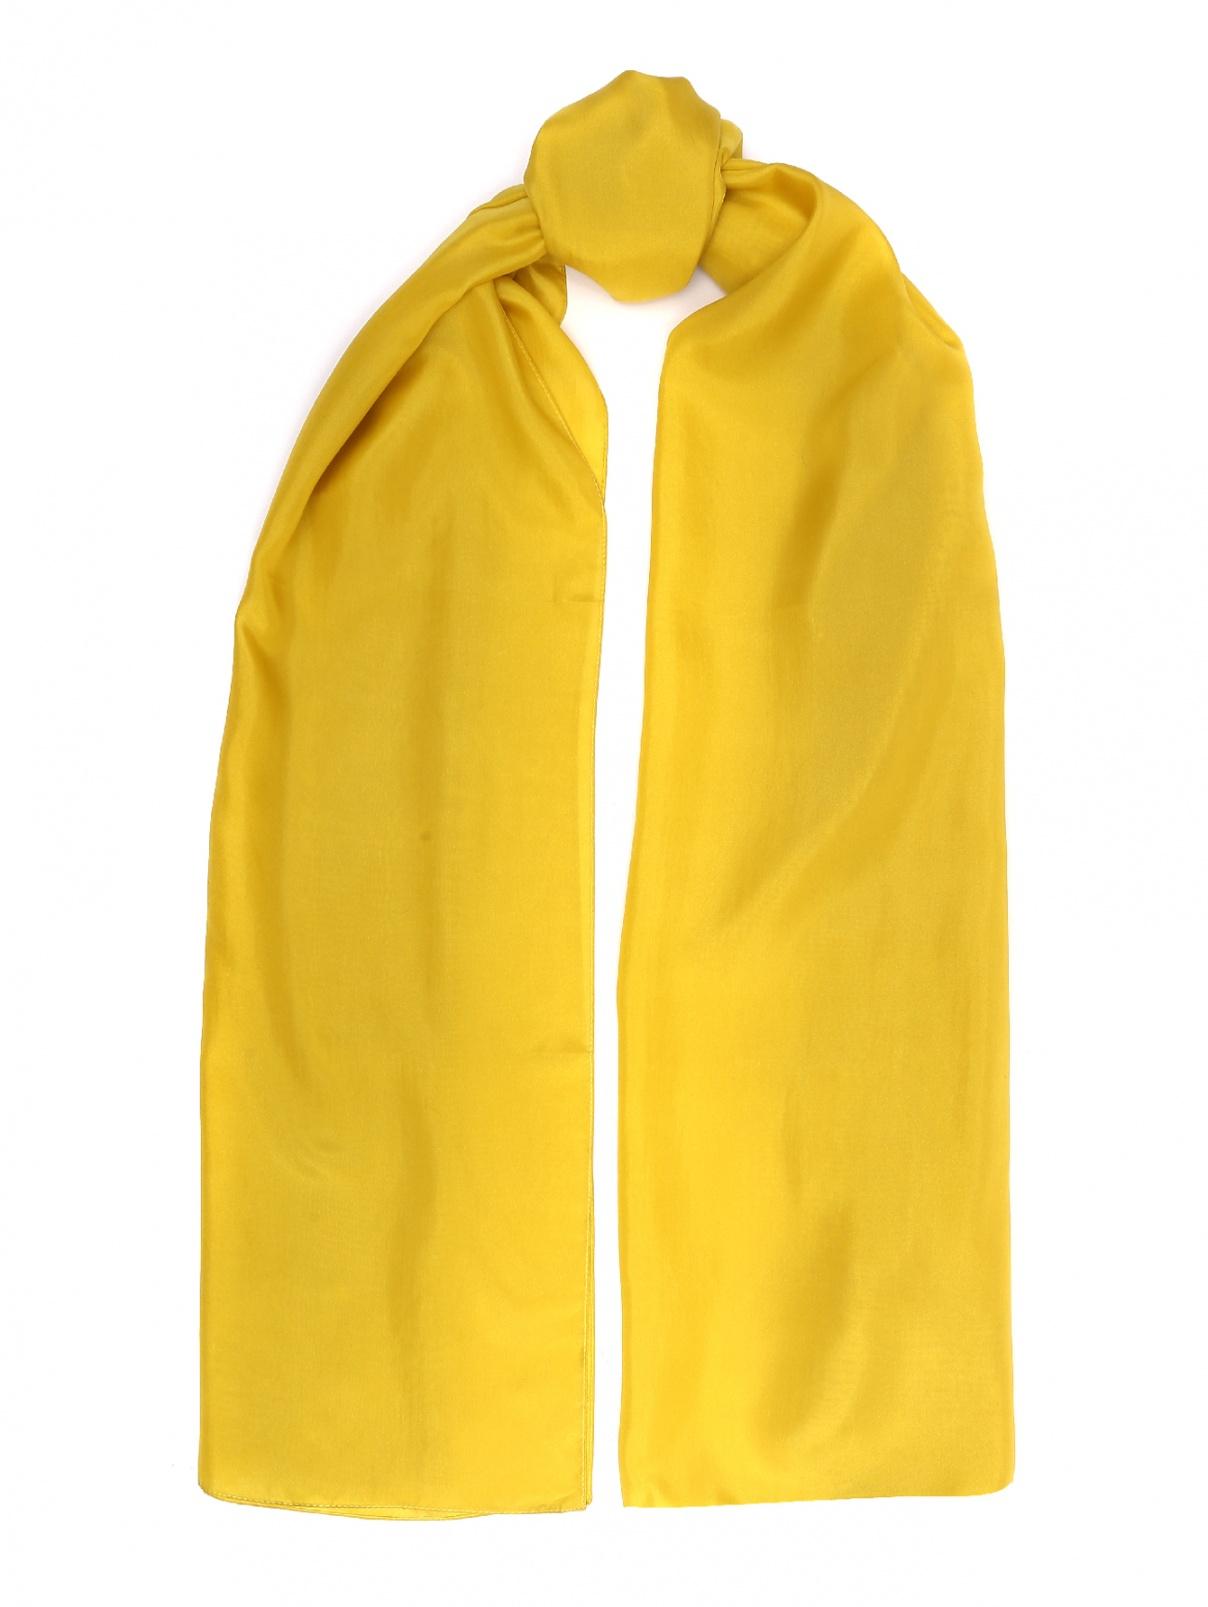 Шарф шелковый Max&Co  –  Общий вид  – Цвет:  Желтый